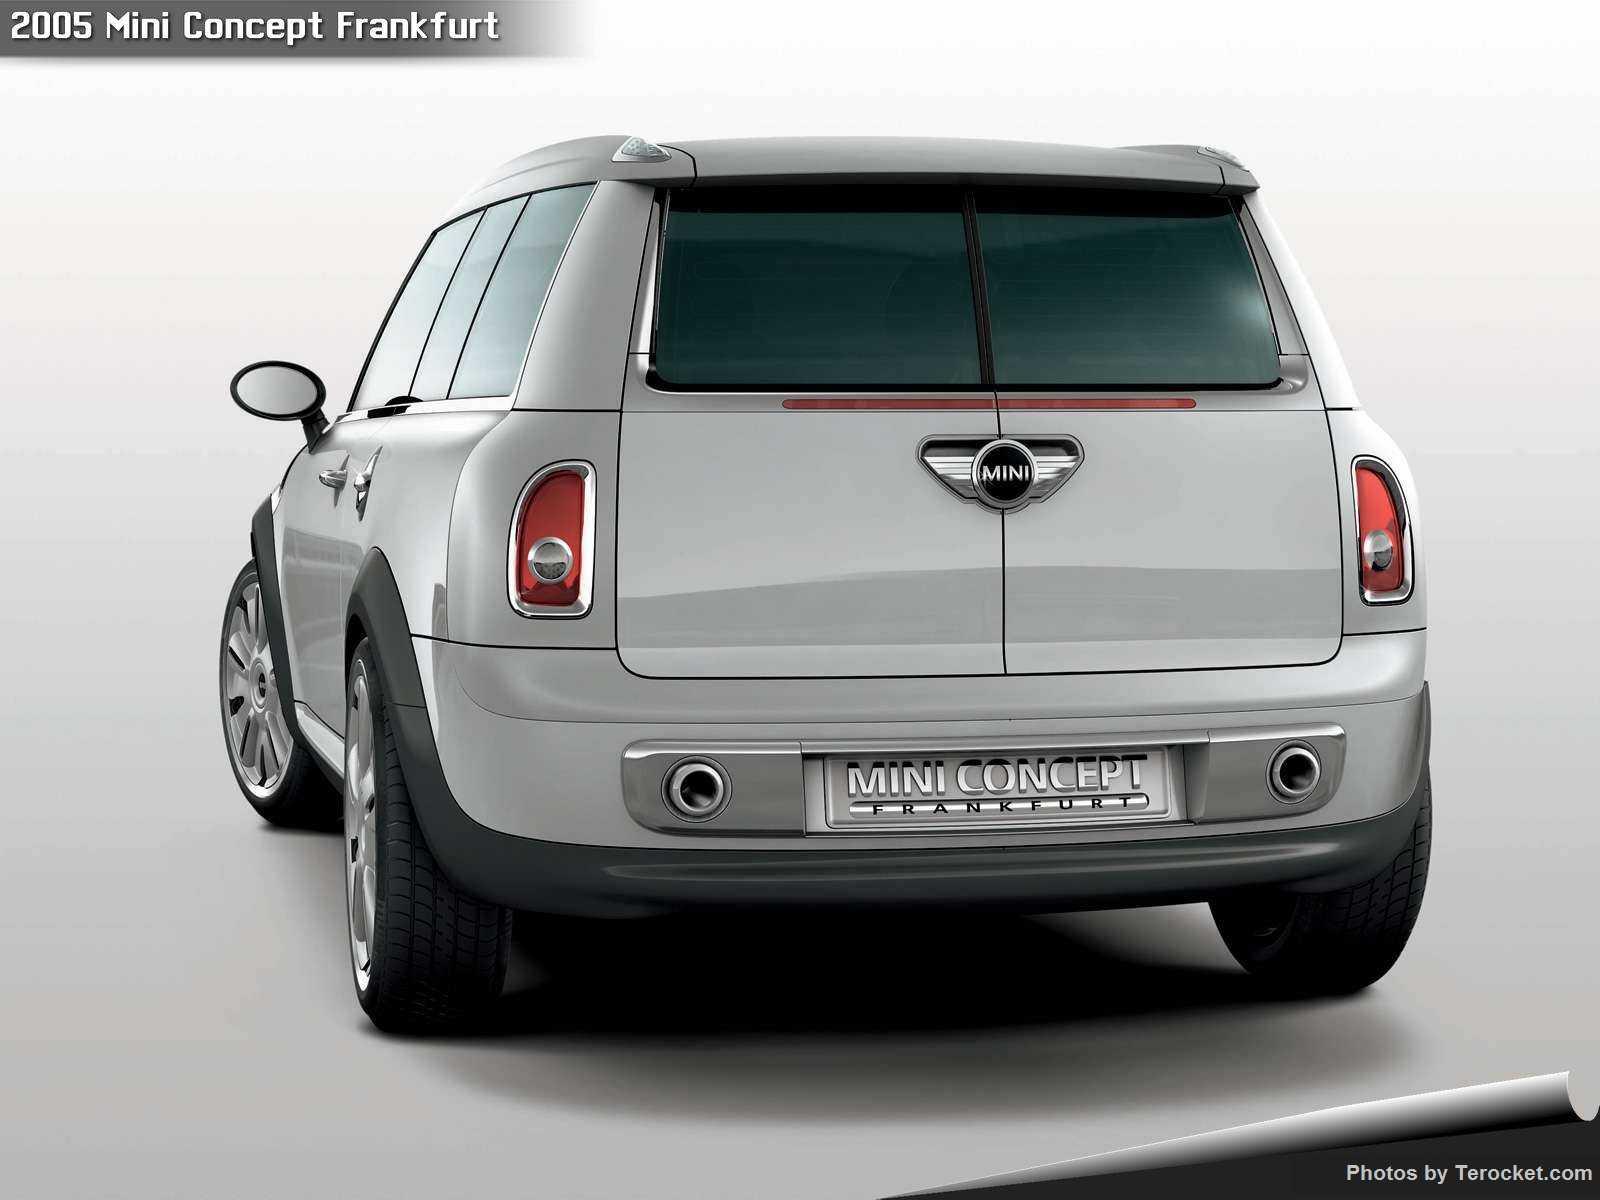 Hình ảnh xe ô tô Mini Concept Frankfurt 2005 & nội ngoại thất